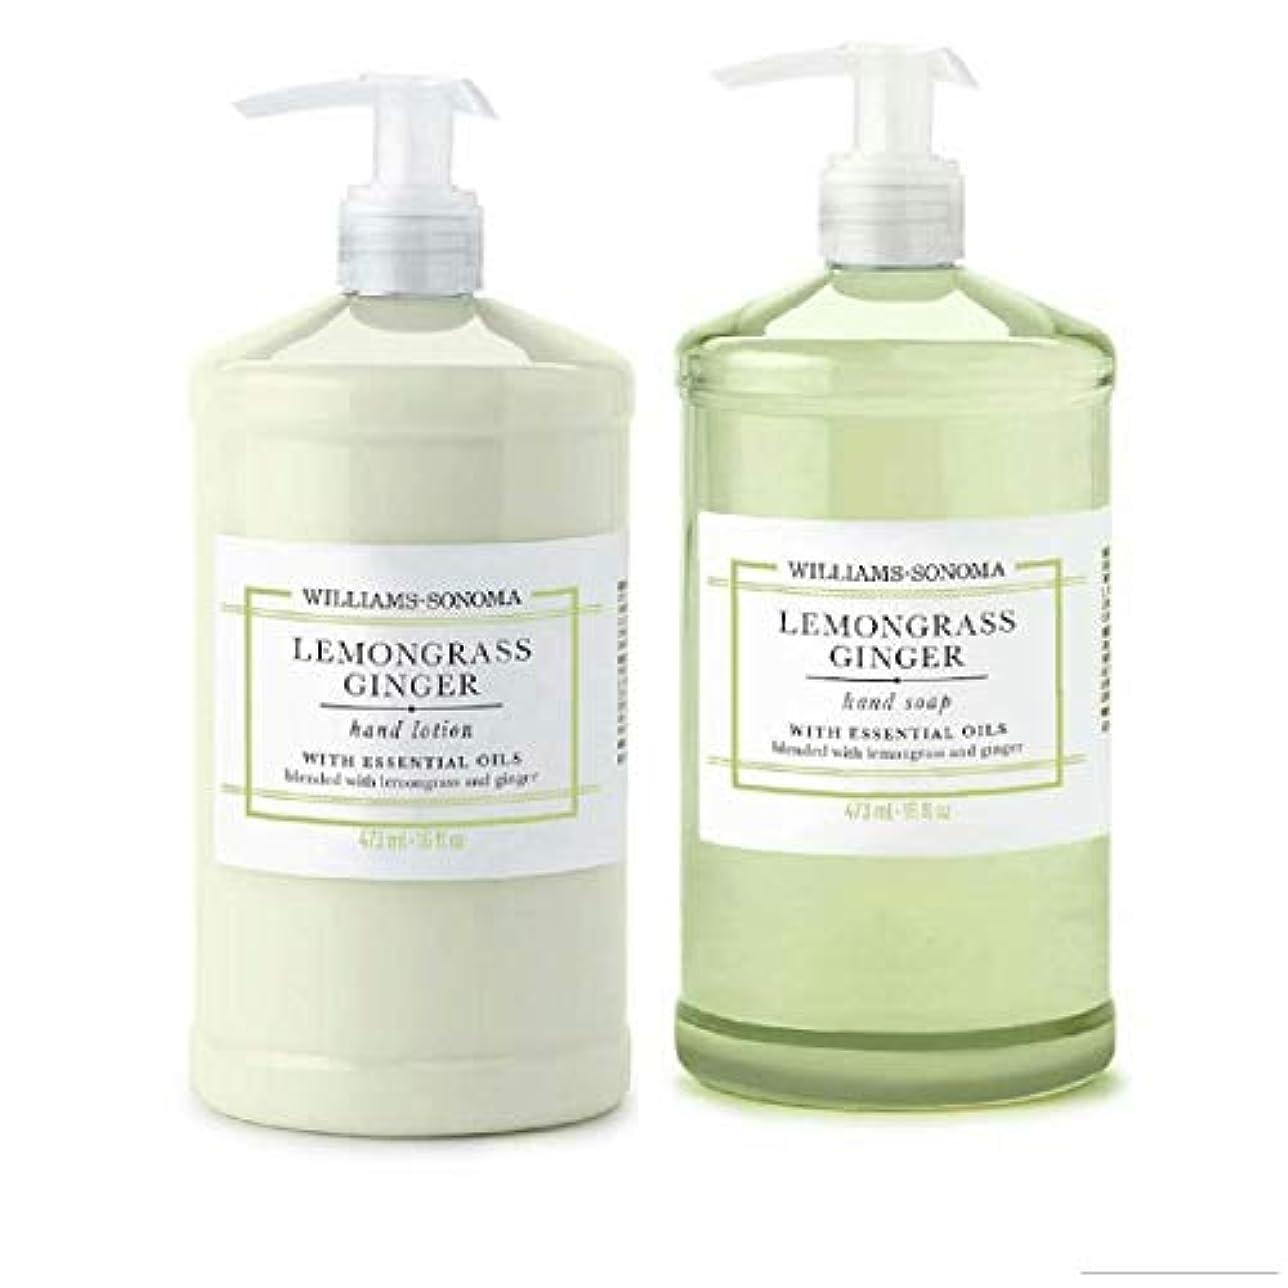 病故国数Williams Sonoma Lemongrass Ginger Hand Soap and Hand Lotion 16 oz each [並行輸入品]